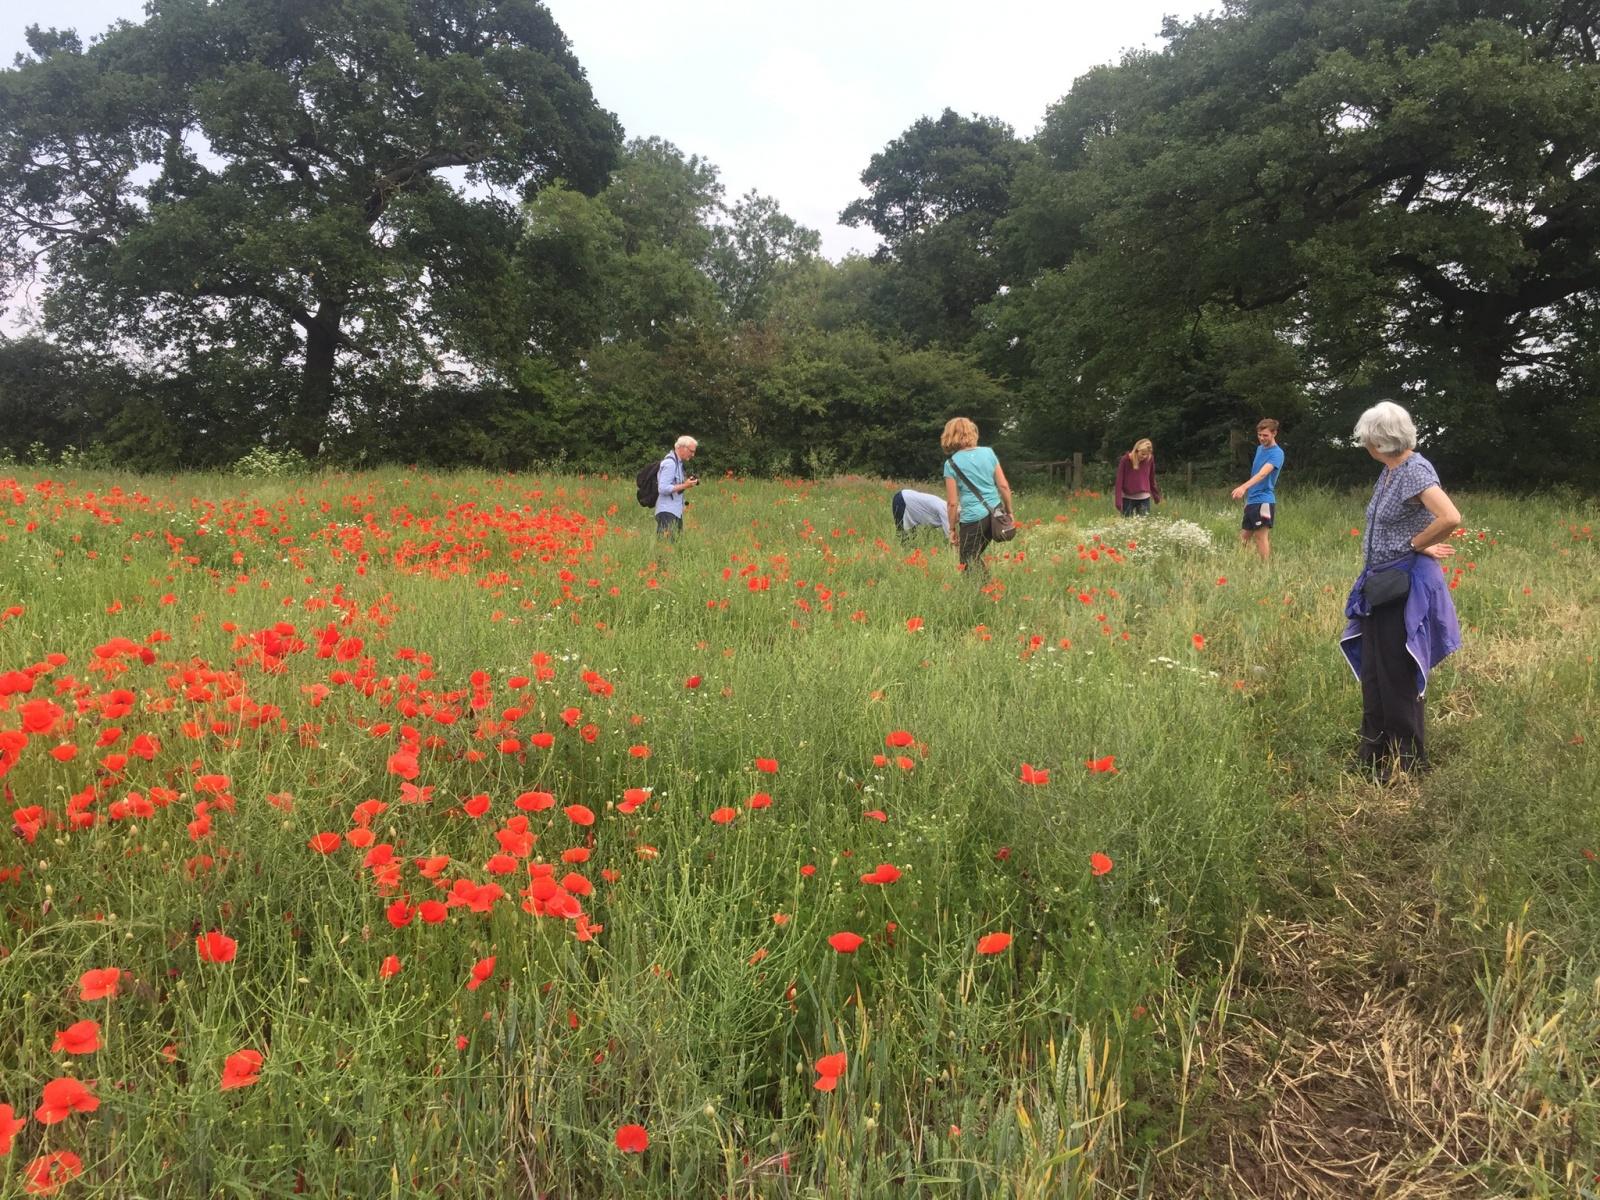 Poppies in set-aside field on farm